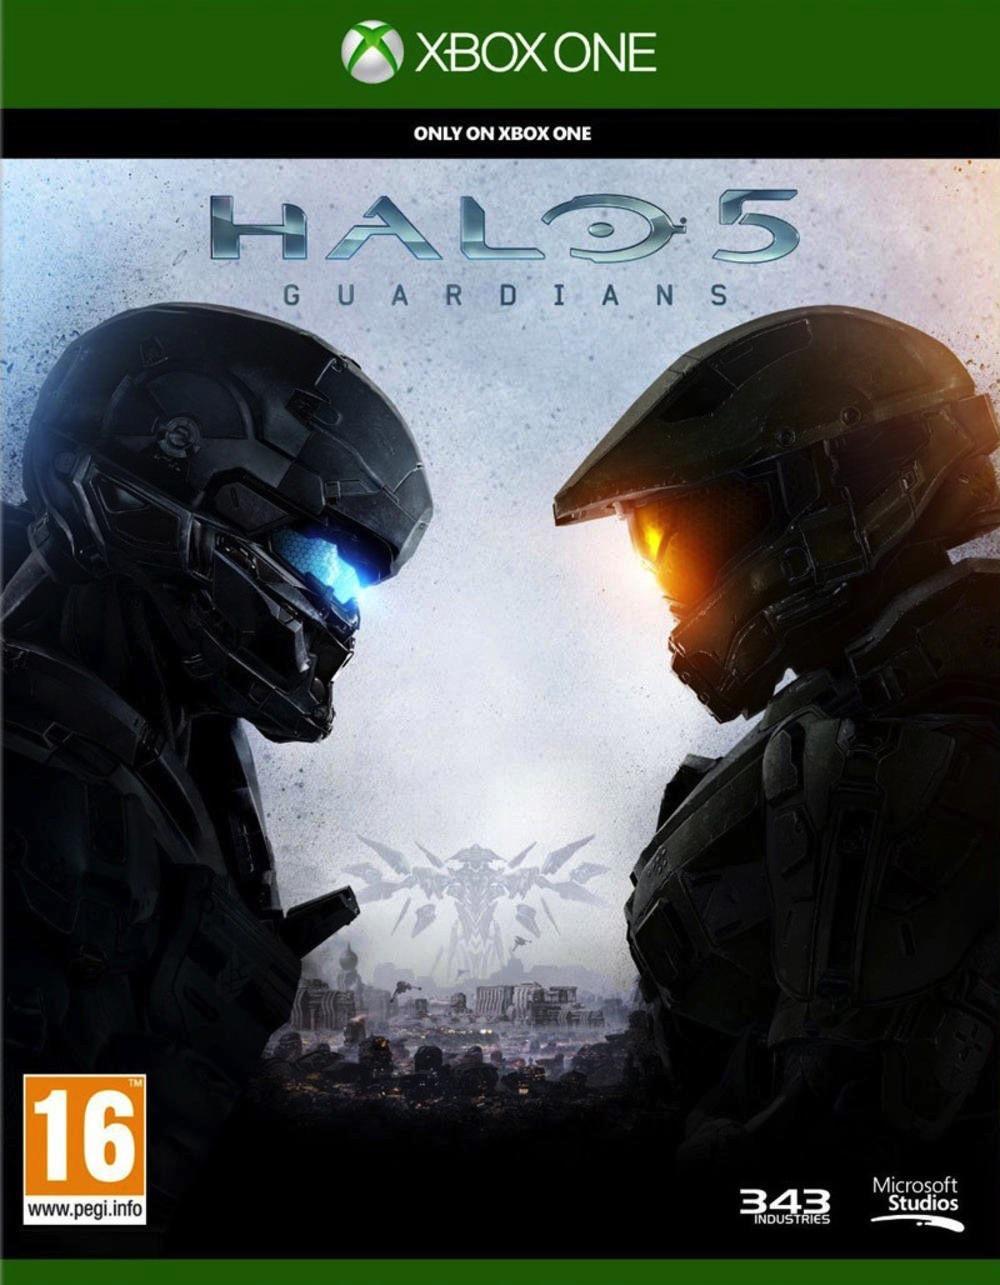 Meilleurs jeux de octobre 2015 (semaine 44)